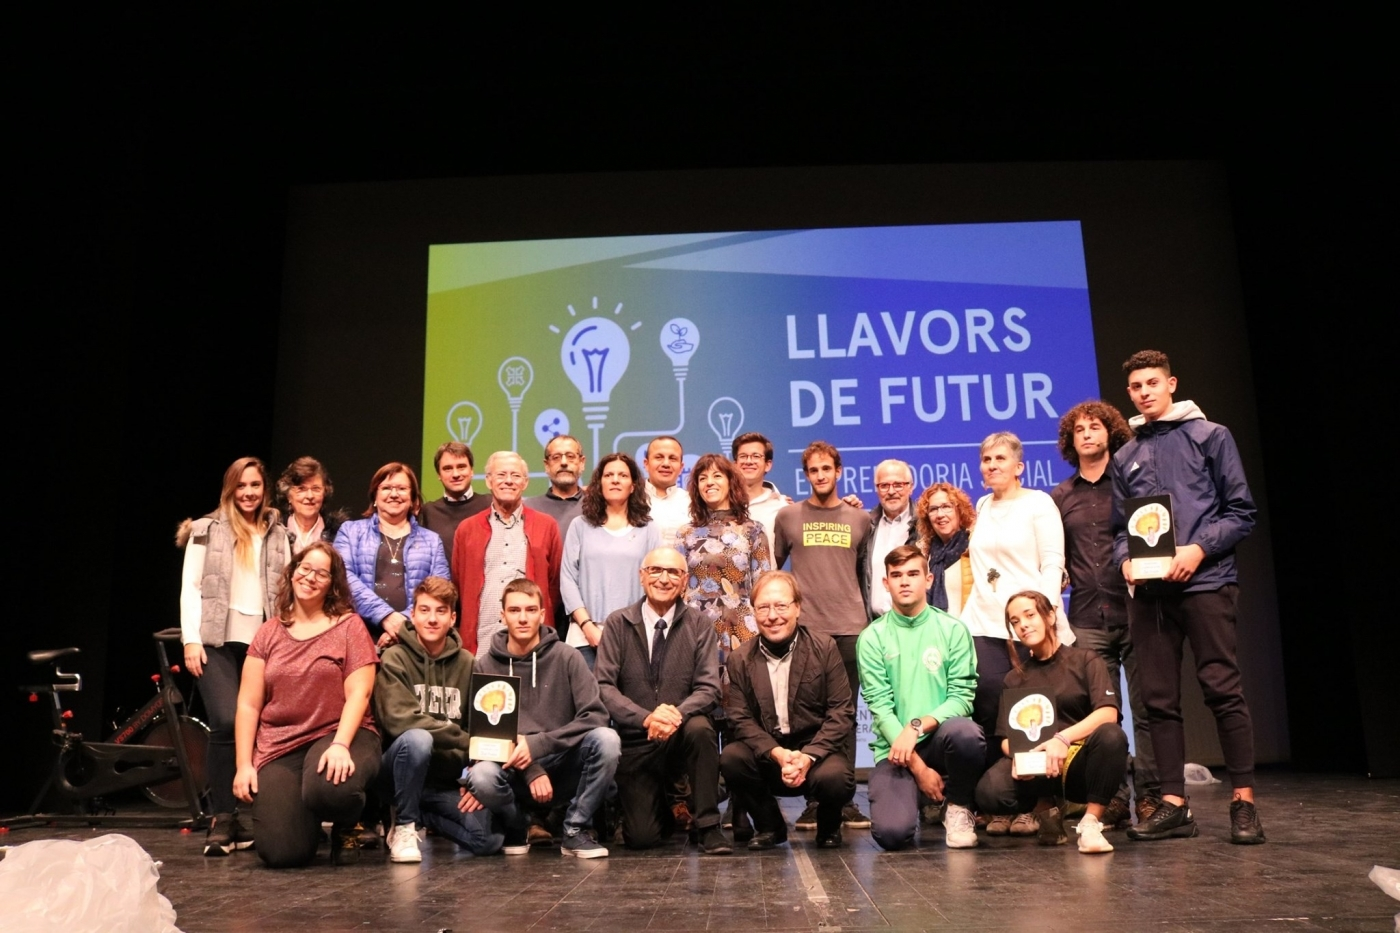 Felix Finkbeiner, fundador de Plant for the Planet i els projectes Ethical Time i ImaGym protagonistes de la jornada d'emprenedoria Llavors de futur i